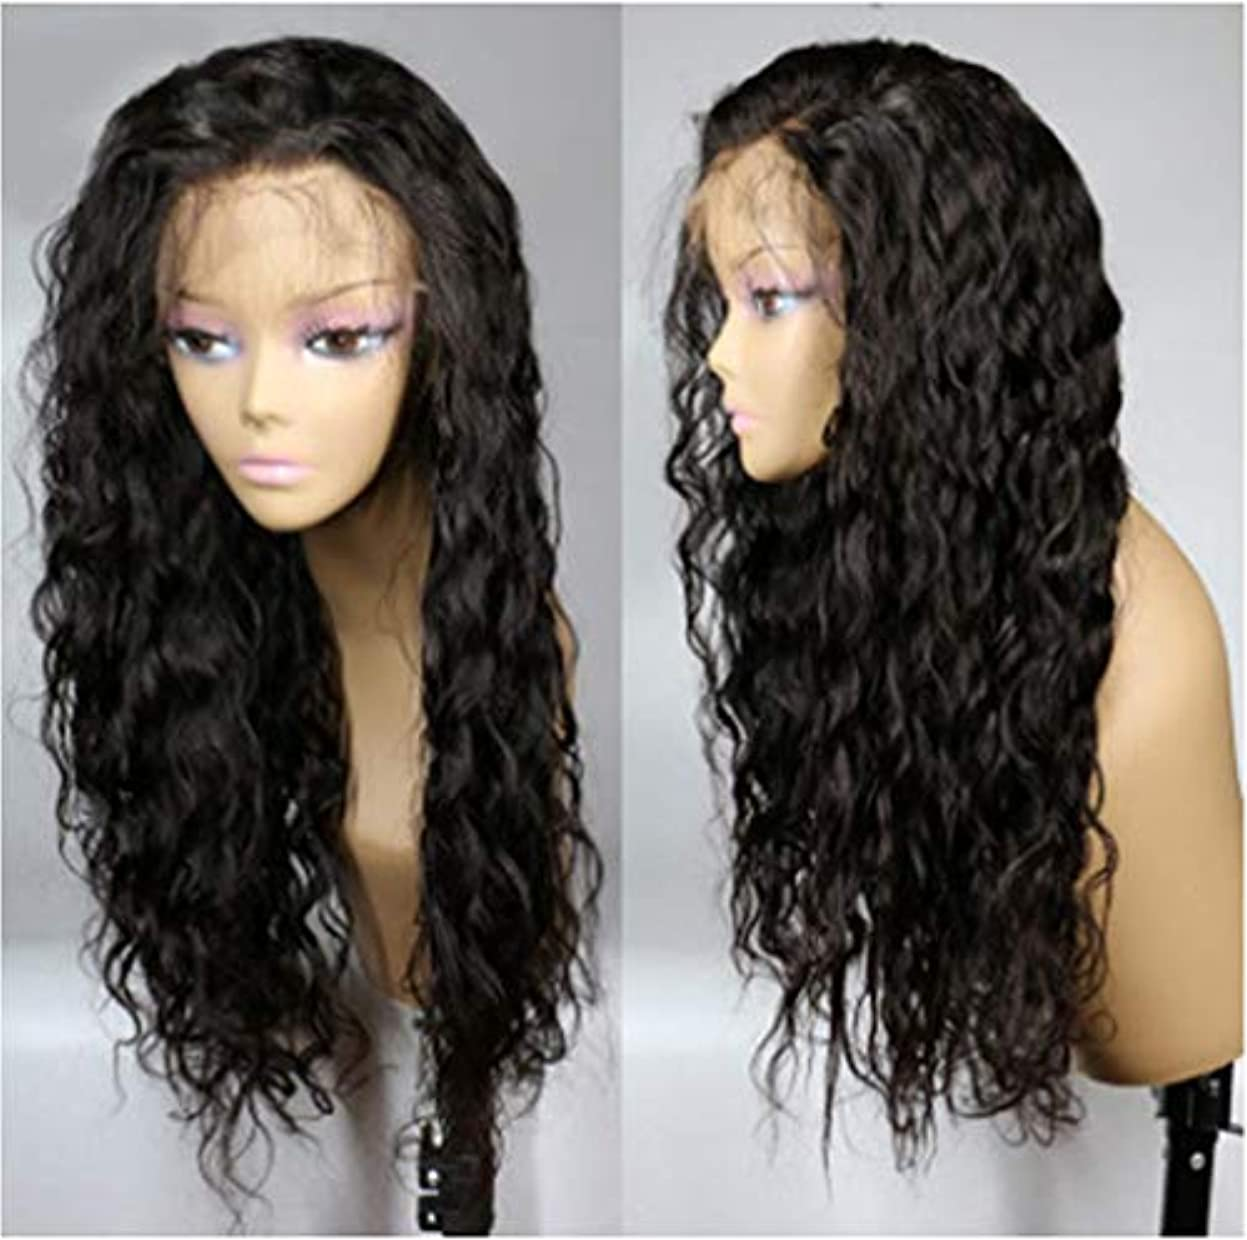 スロベニア標高乳剤女性130%密度フロントレースかつら人間の髪実体波グルーレスブラジルバージン人間の髪の毛のかつらで赤ん坊の毛